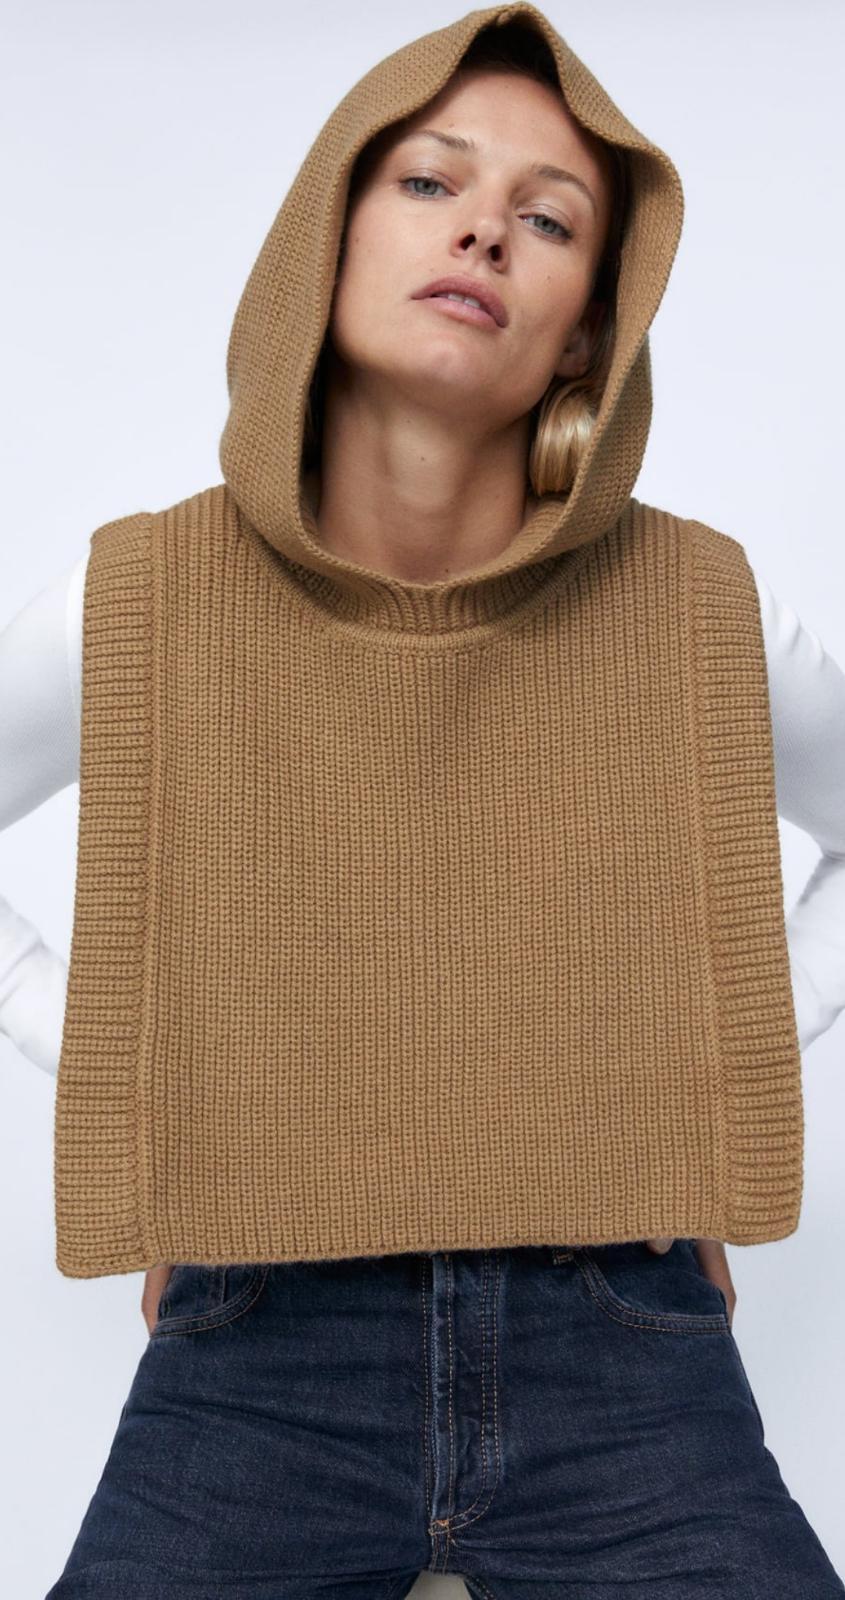 Chaleco con aberturas y capucha confeccionado con tejido en mezcla de lana, de Zara (19'95€)